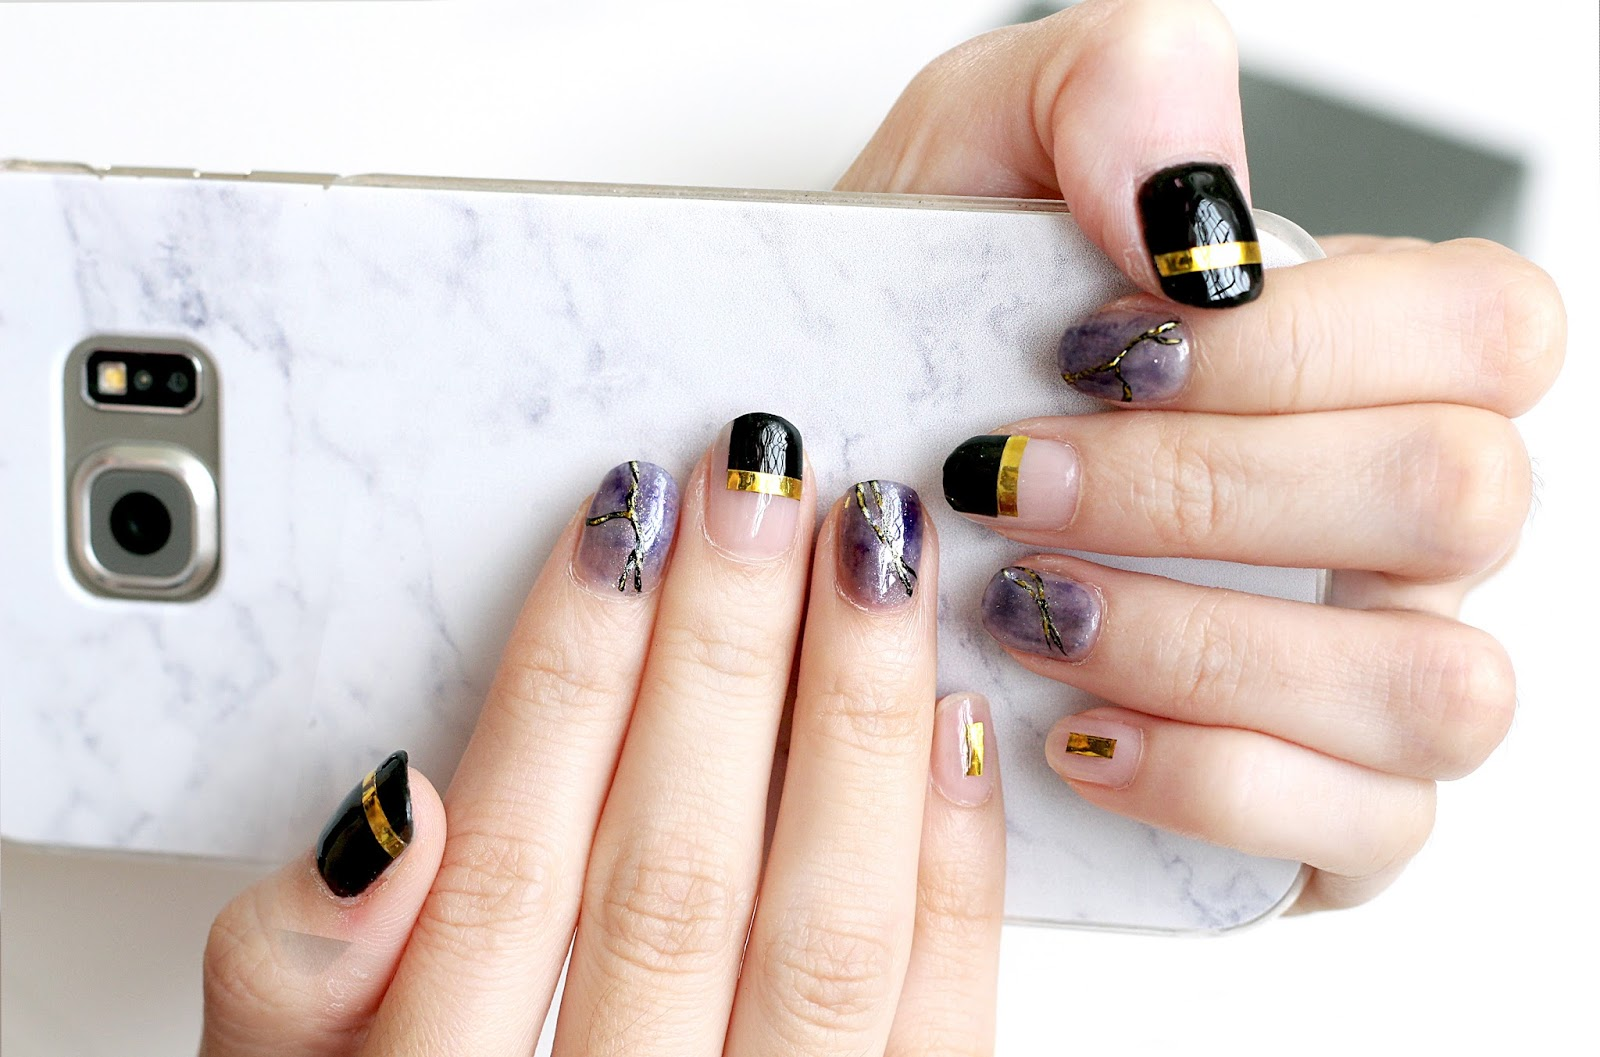 The nail artistry